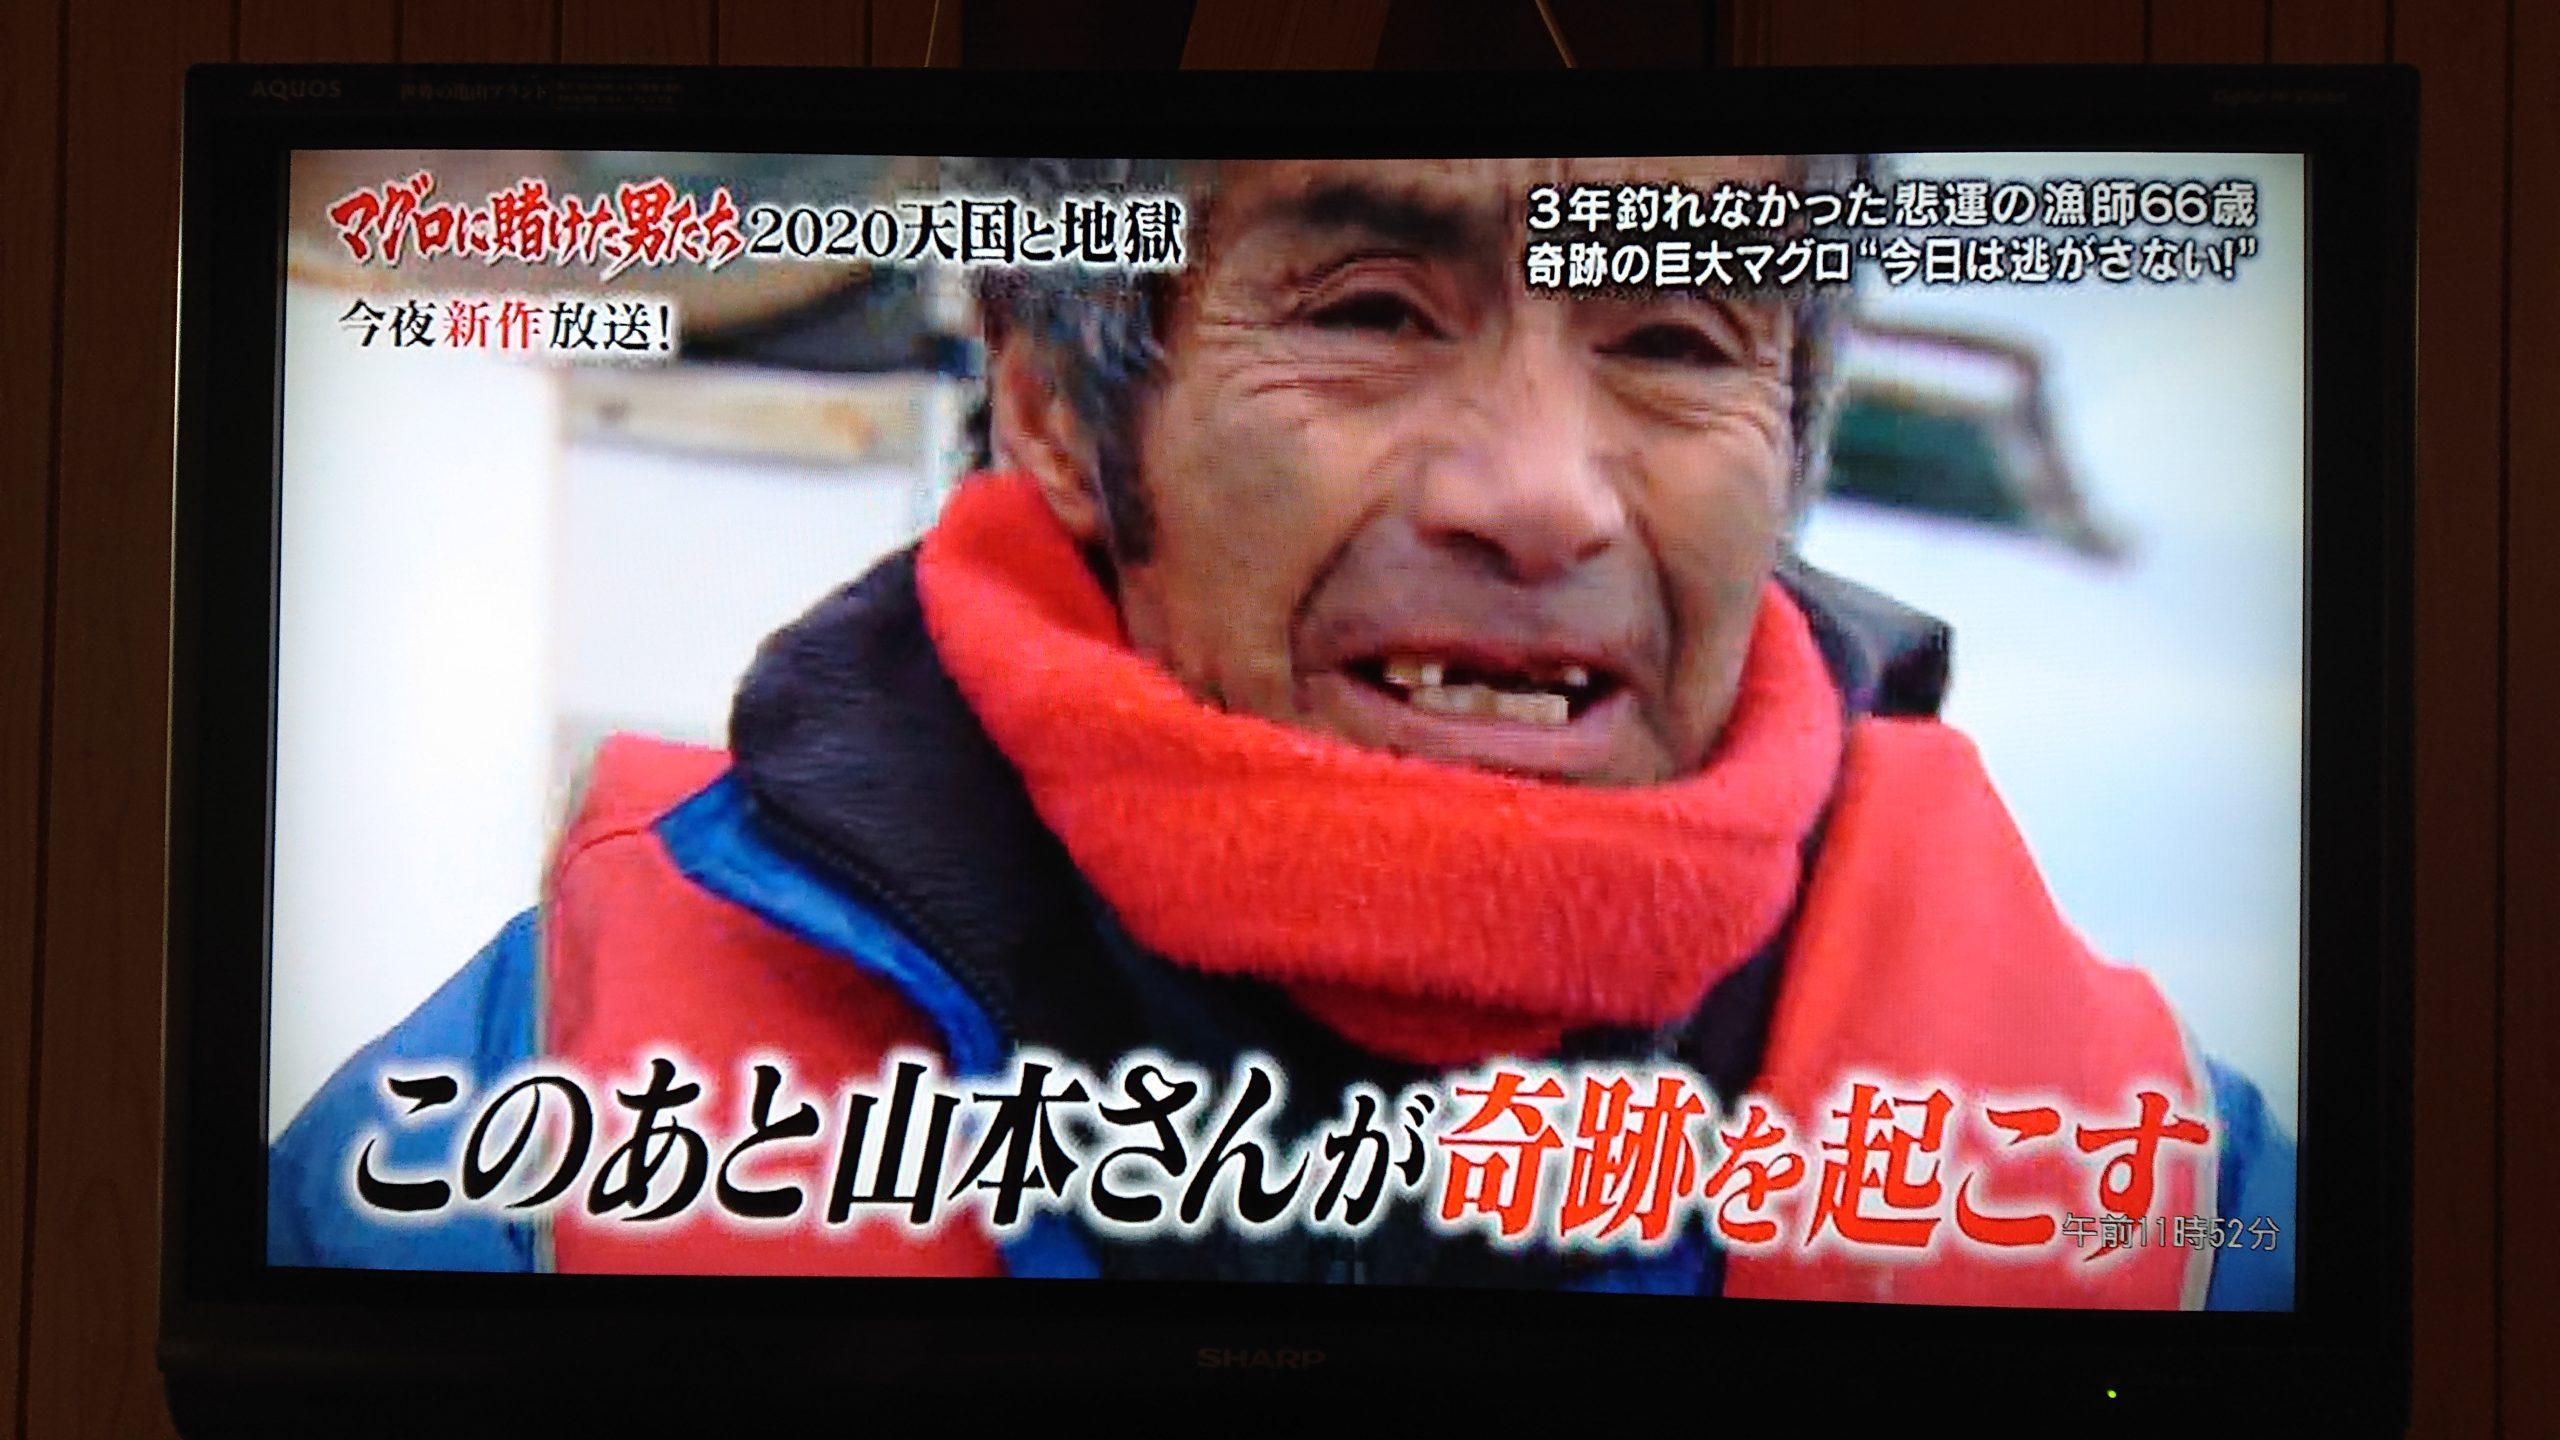 大間 の マグロ 山本 さん